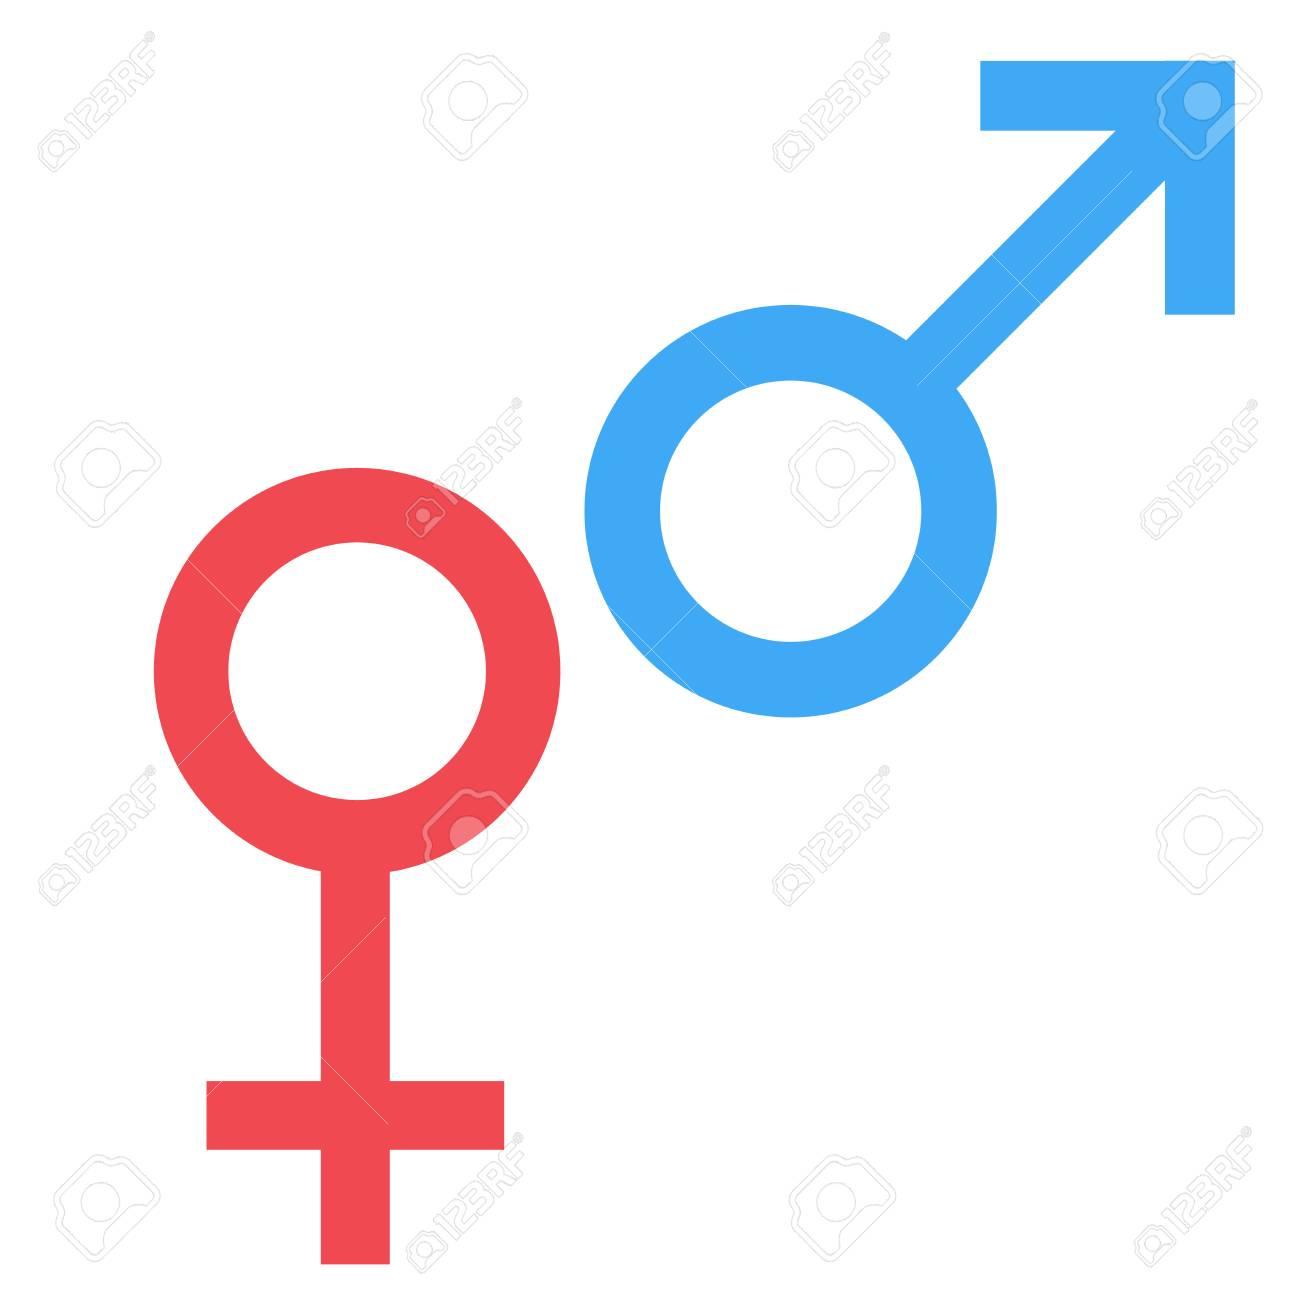 Foto de archivo - Símbolo sexual Símbolo de hombre y mujer de género.  Símbolo abstracto masculino y femenino. Vector